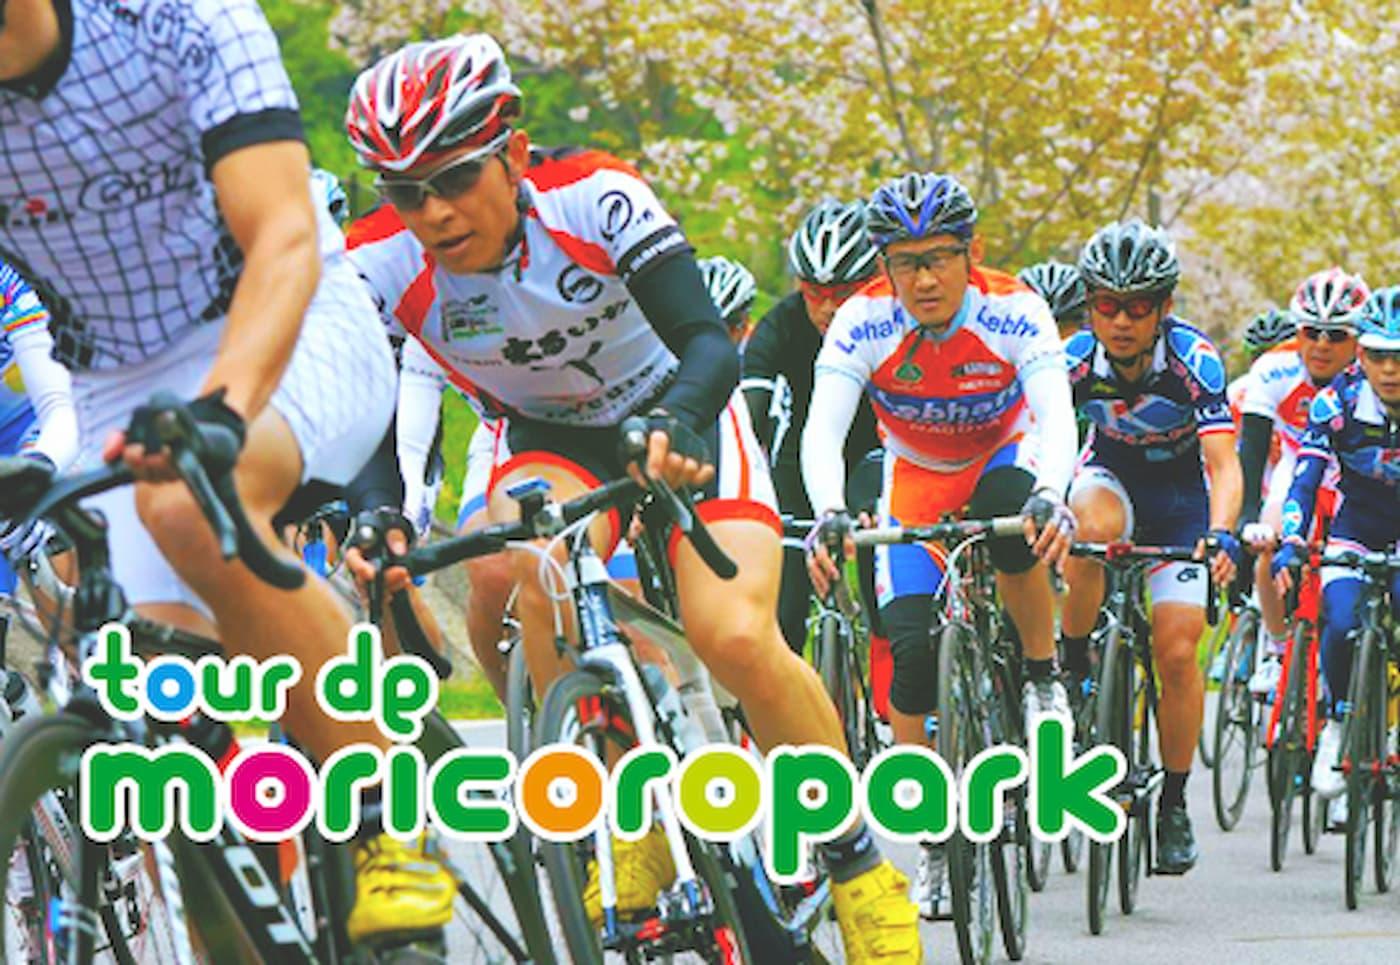 バイクナビ・グランプリ ツール・ド・モリコロパーク | 愛知(愛・地球博記念公園)